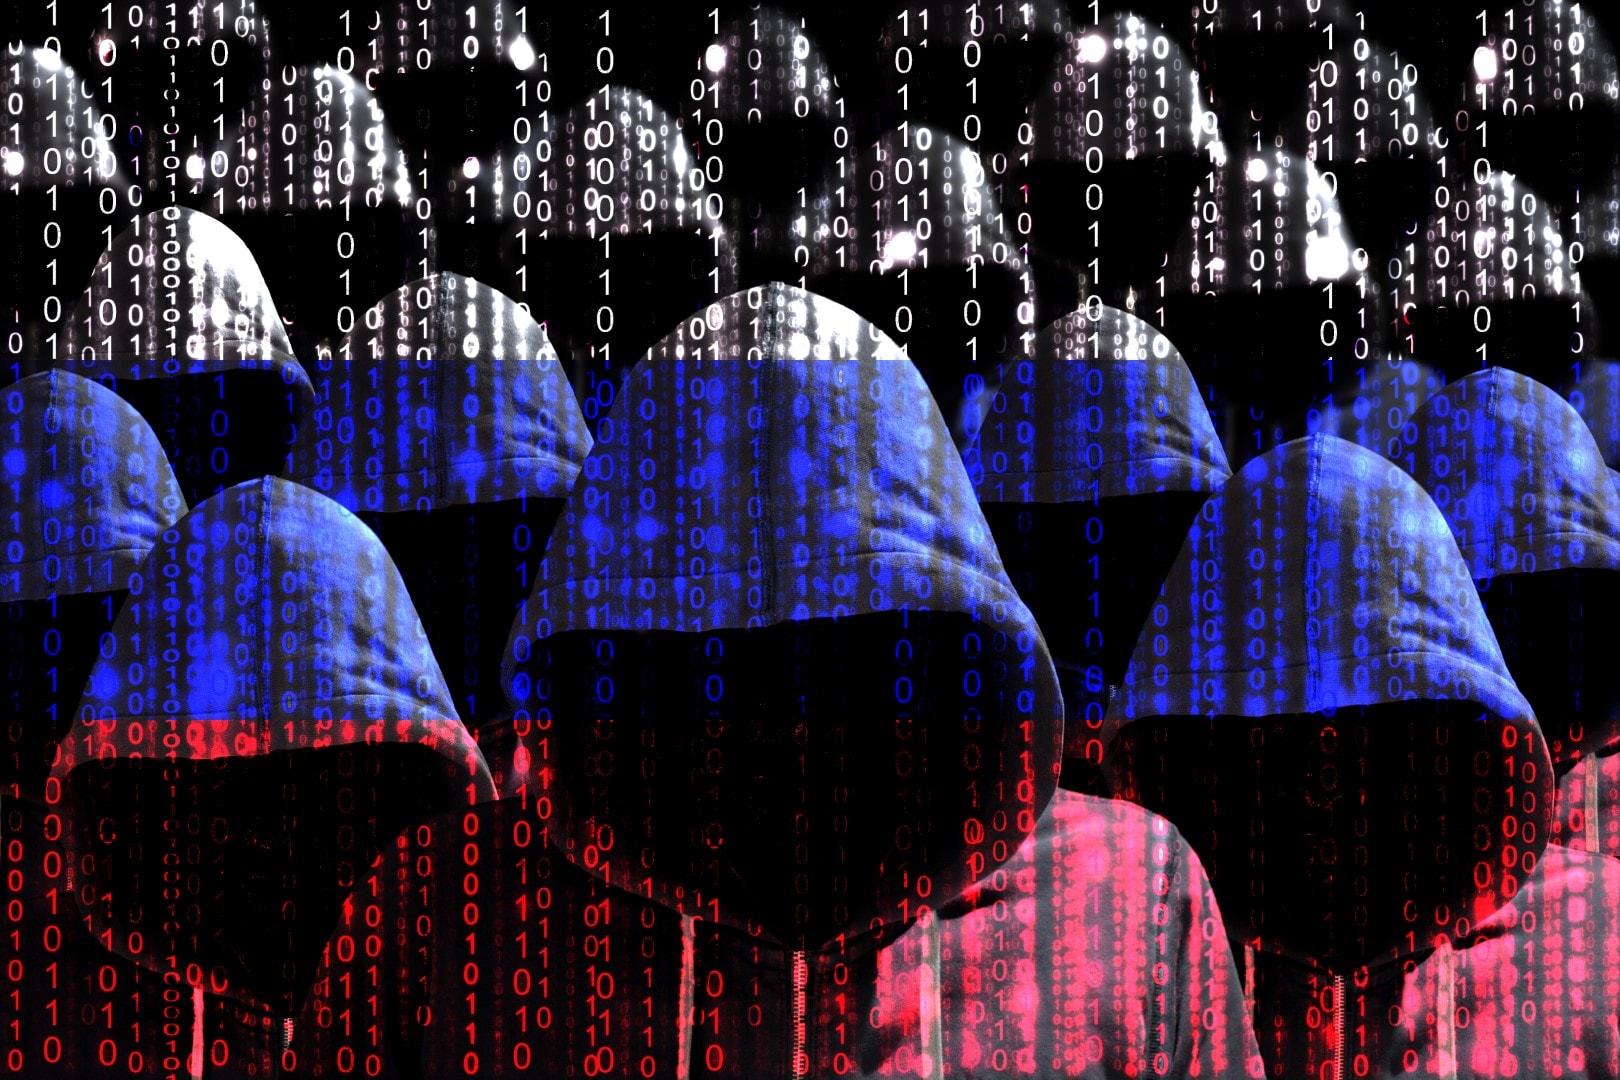 Американские власти обвинили шесть офицеров ГРУ в атаках NotPetya, KillDisk и OlympicDestroyer